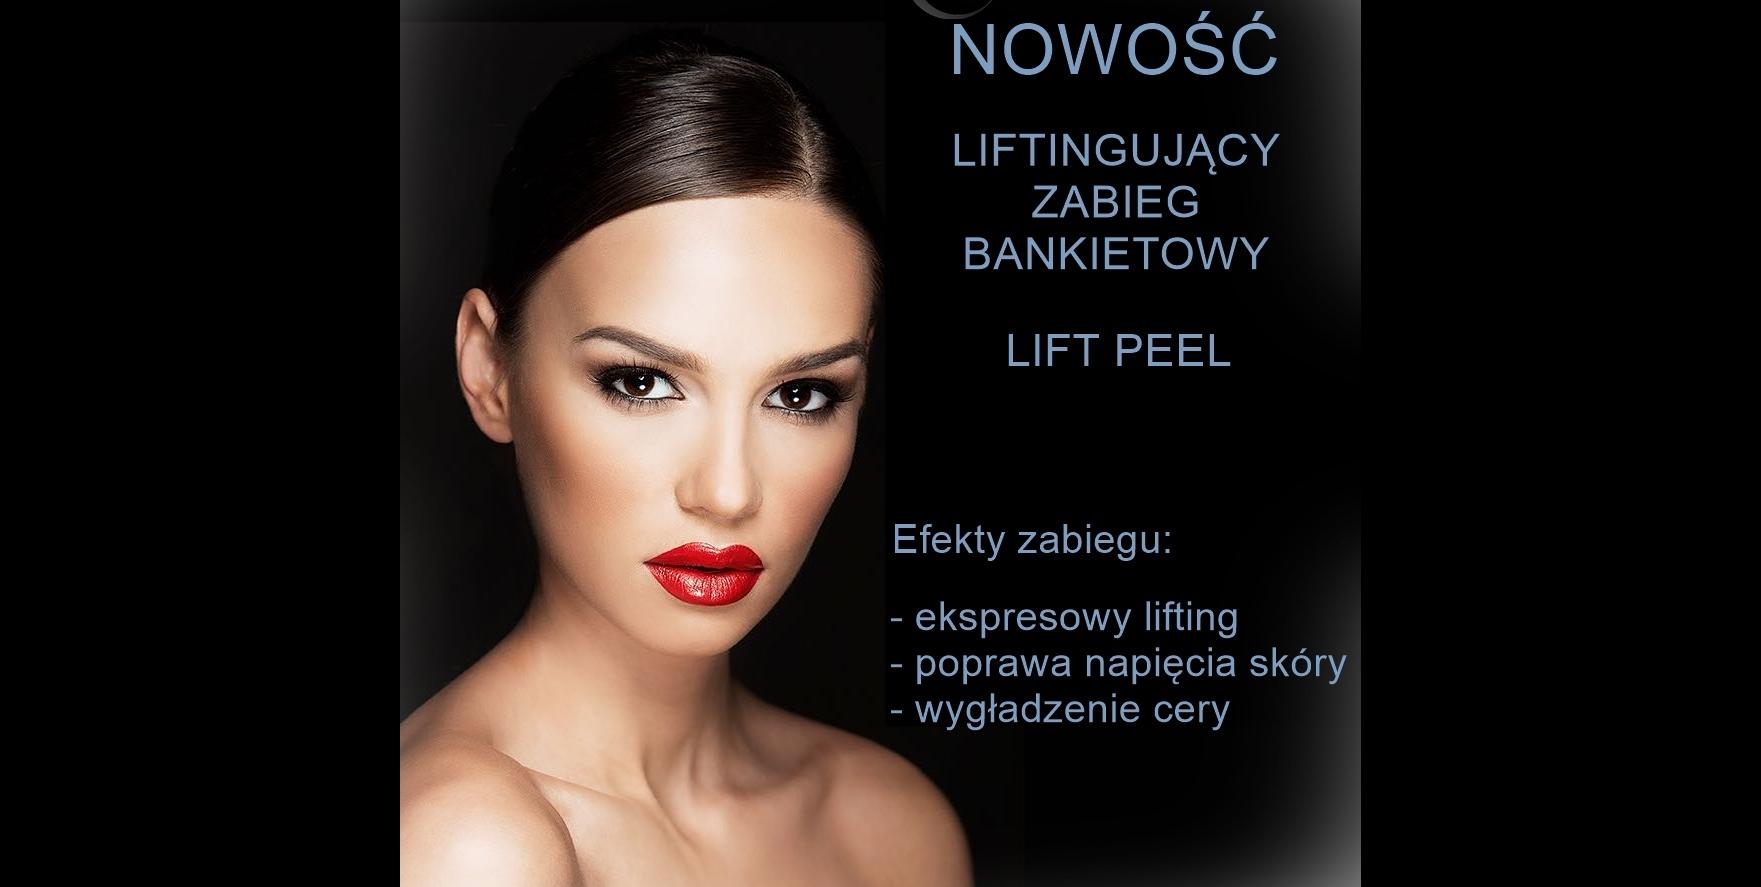 lasermed_zabieg_bankietowy-baner